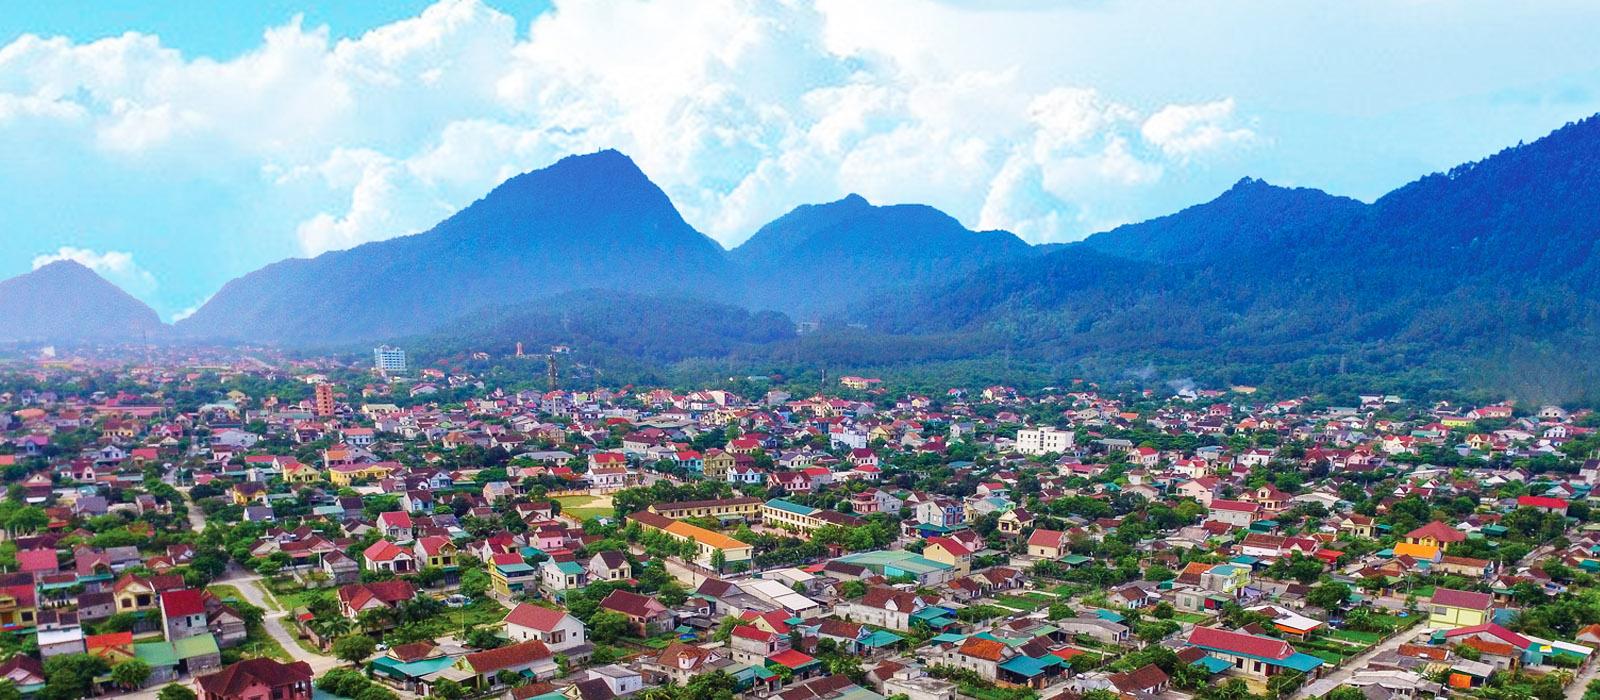 Thị xã Hồng Lĩnh dưới chân núi 9